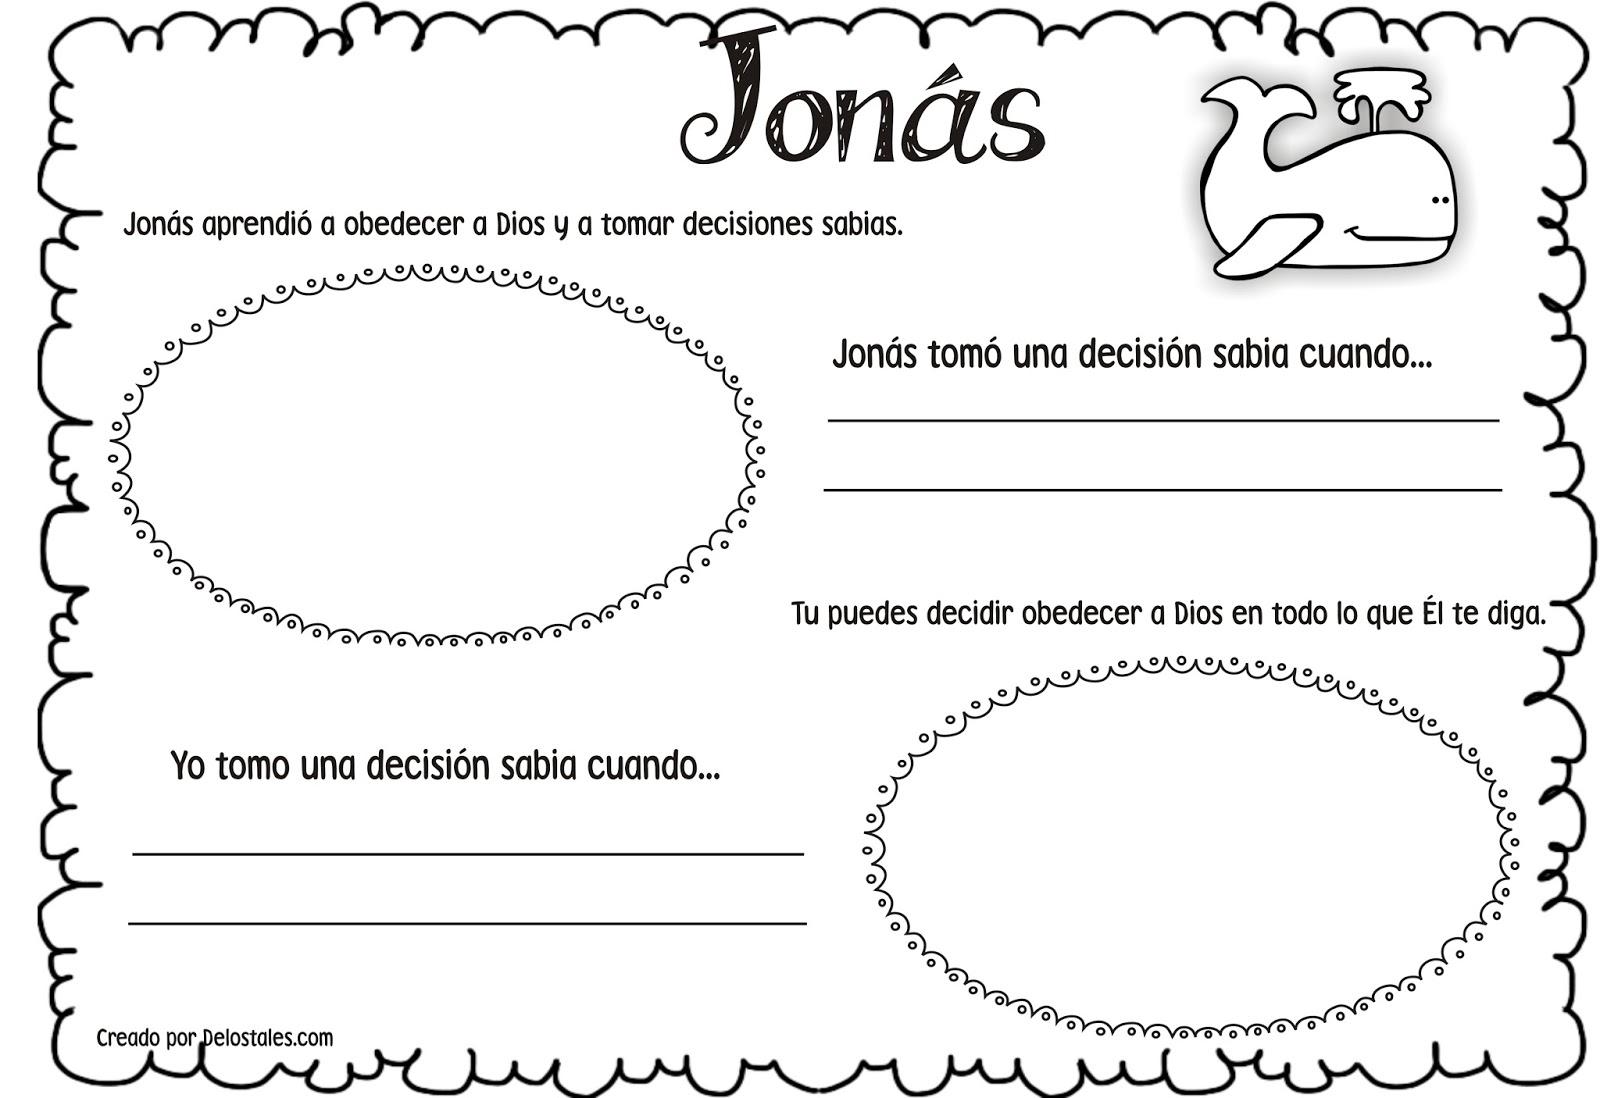 Historias Biblicas Para Niños Jonas Y El Gran Pez - Get Yasabe